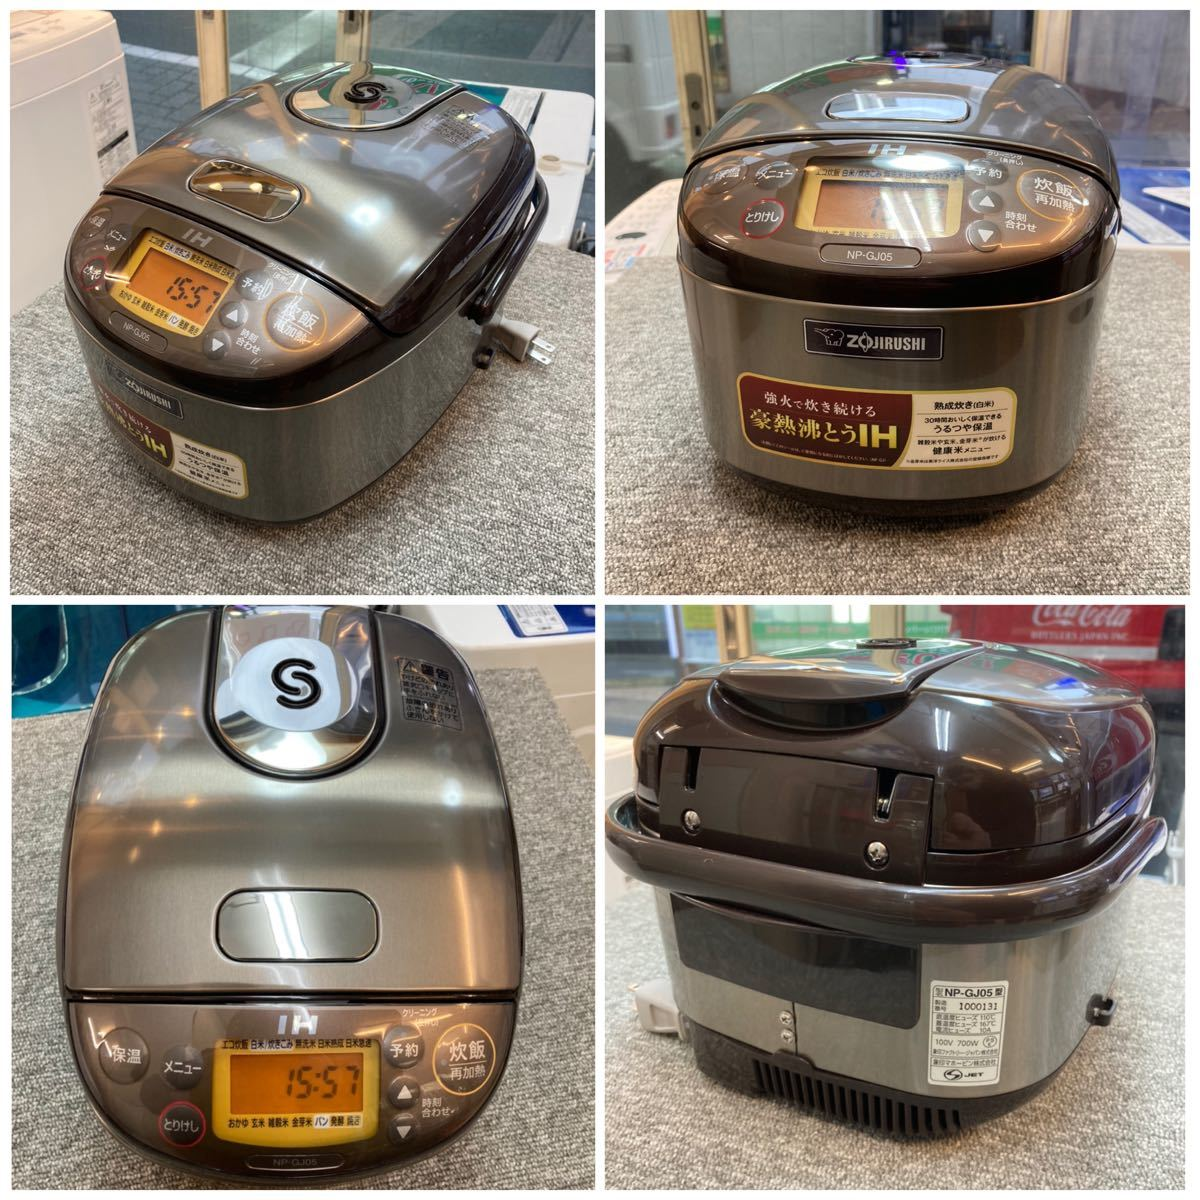 使用3ヶ月!象印 IH炊飯器 3合炊き NP-GJ05 2020年製